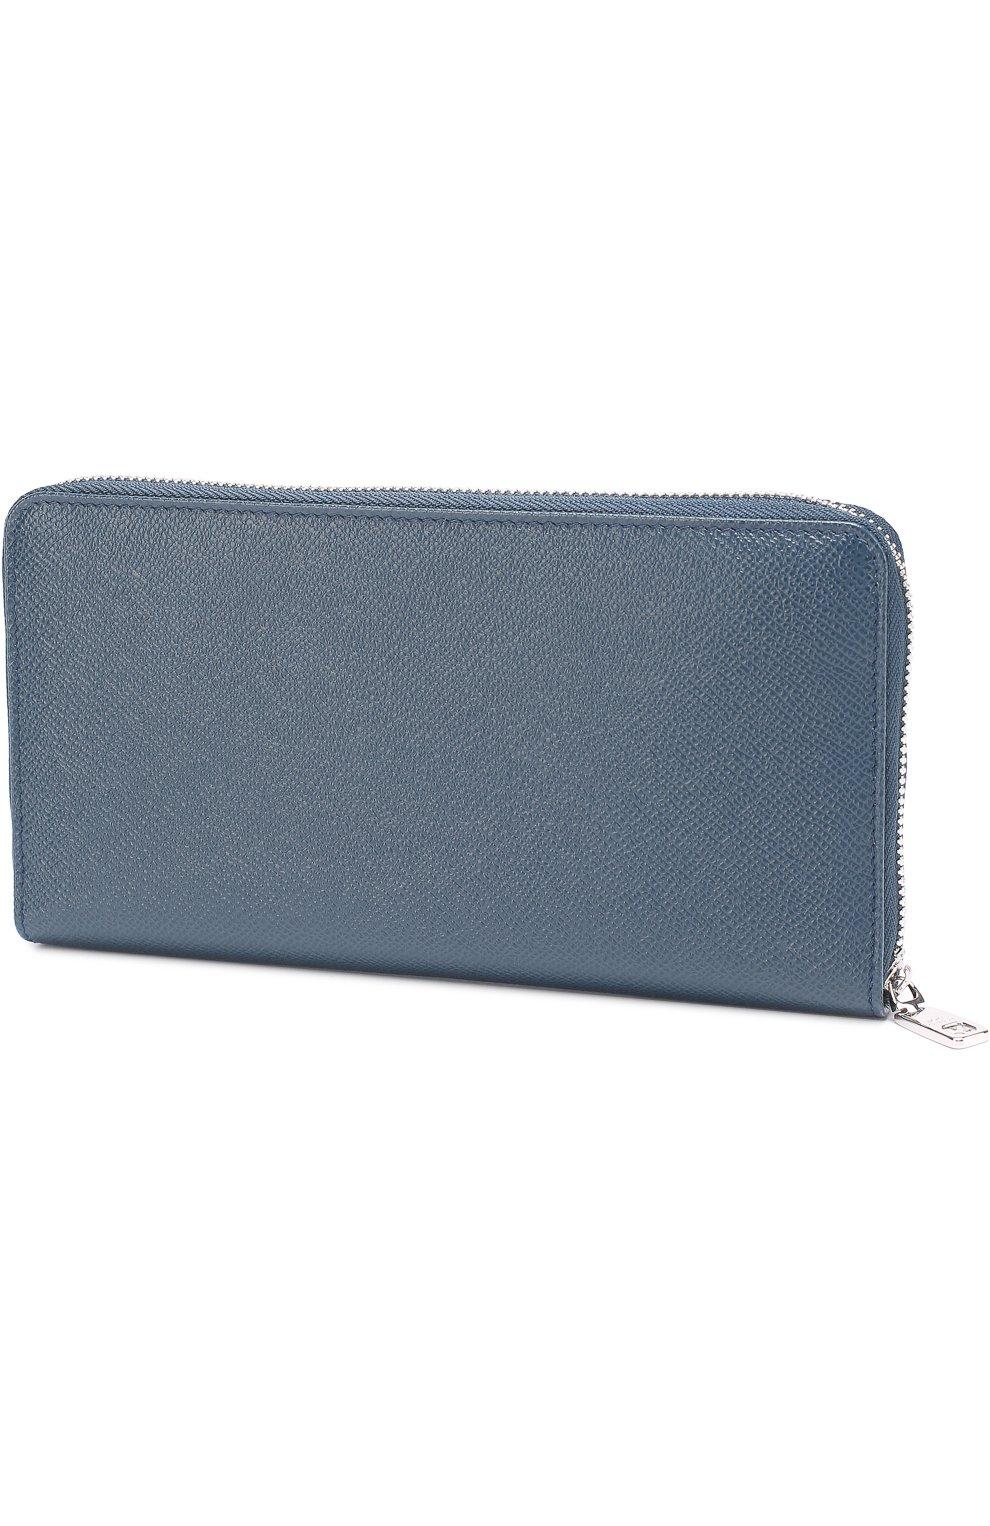 Кожаное портмоне на молнии с отделением для кредитных карт | Фото №2